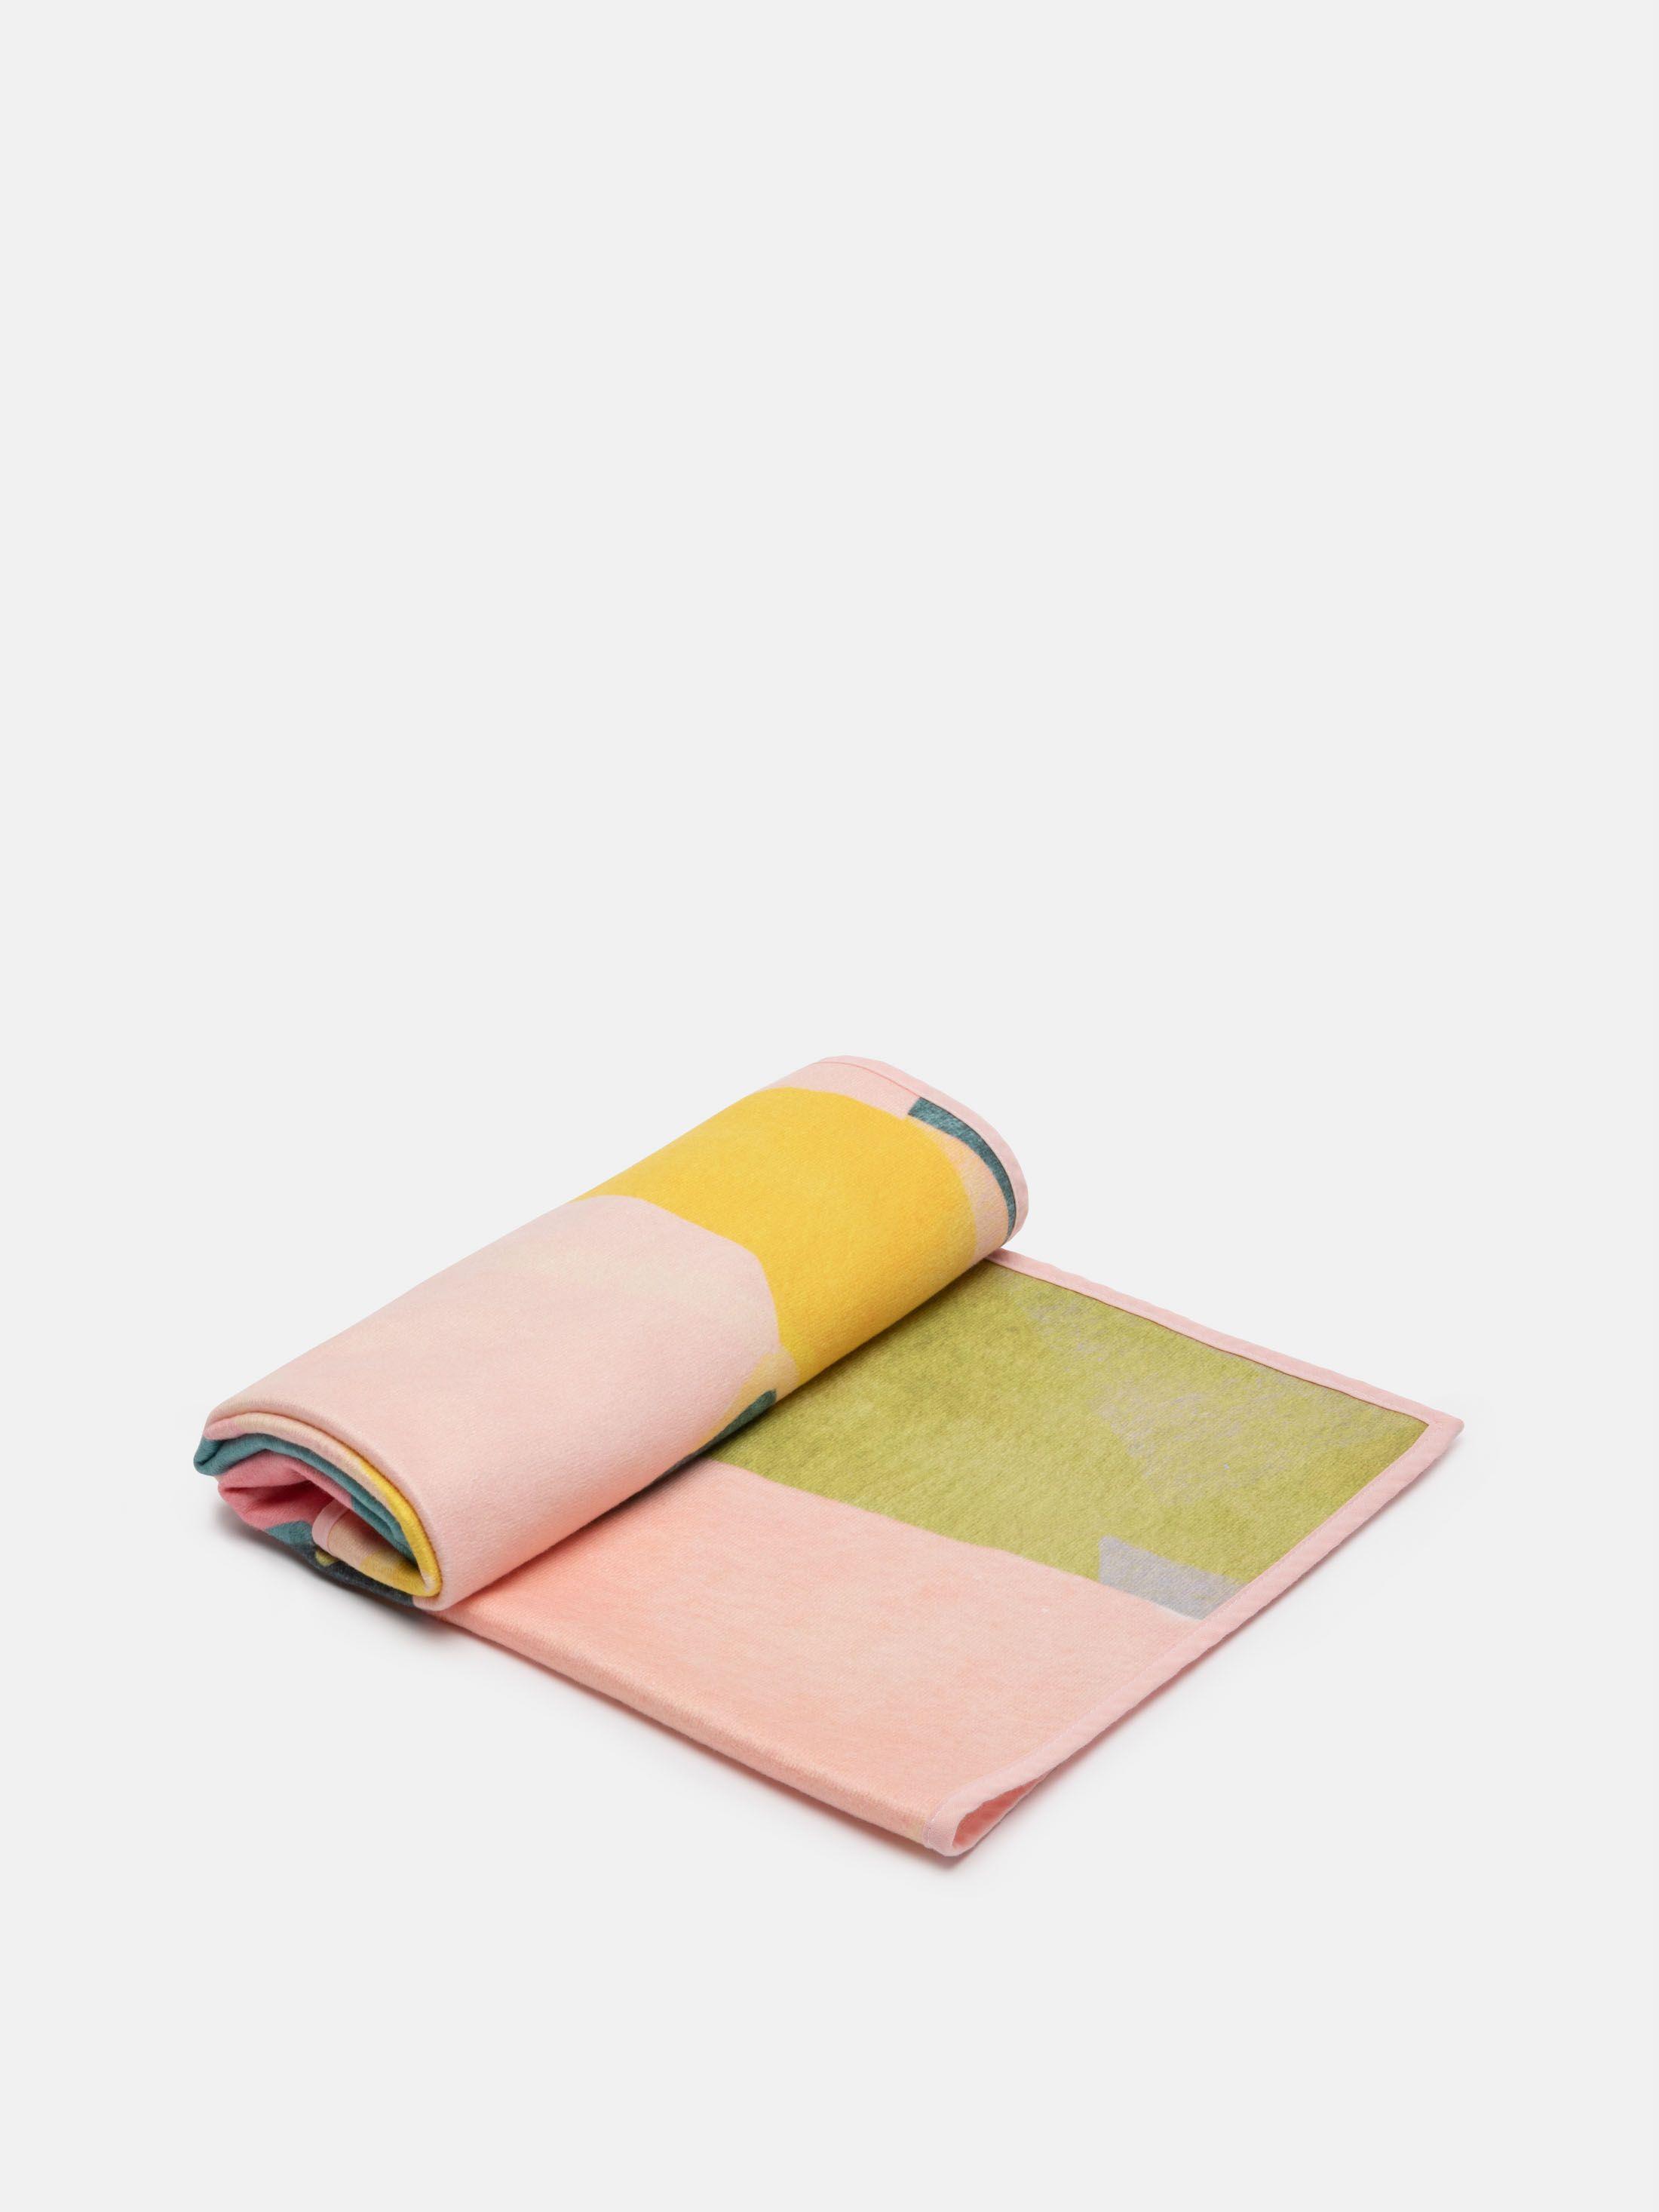 Choix de la bordure pour la serviette de bain